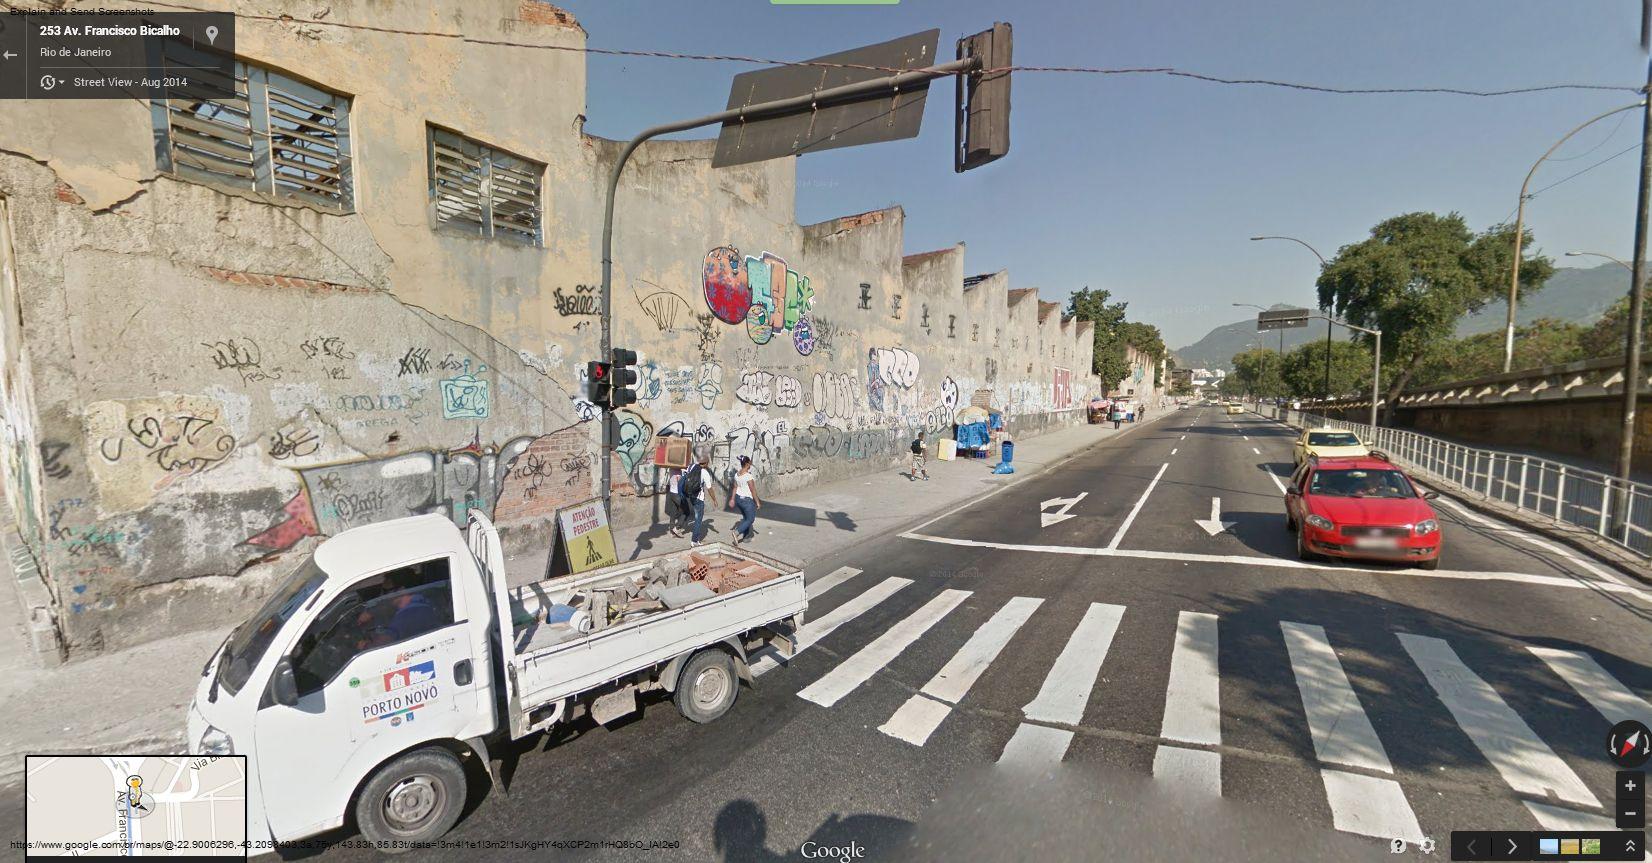 Rodoviária Novo Rio - Assaltos, Insegurança, Medo, Abandono E Caos Nas Vias De Acesso - SAIBA MAIS:  http://saulovalley.blogspot.com.br/2014/10/rodoviaria-novo-rio-assaltos.html